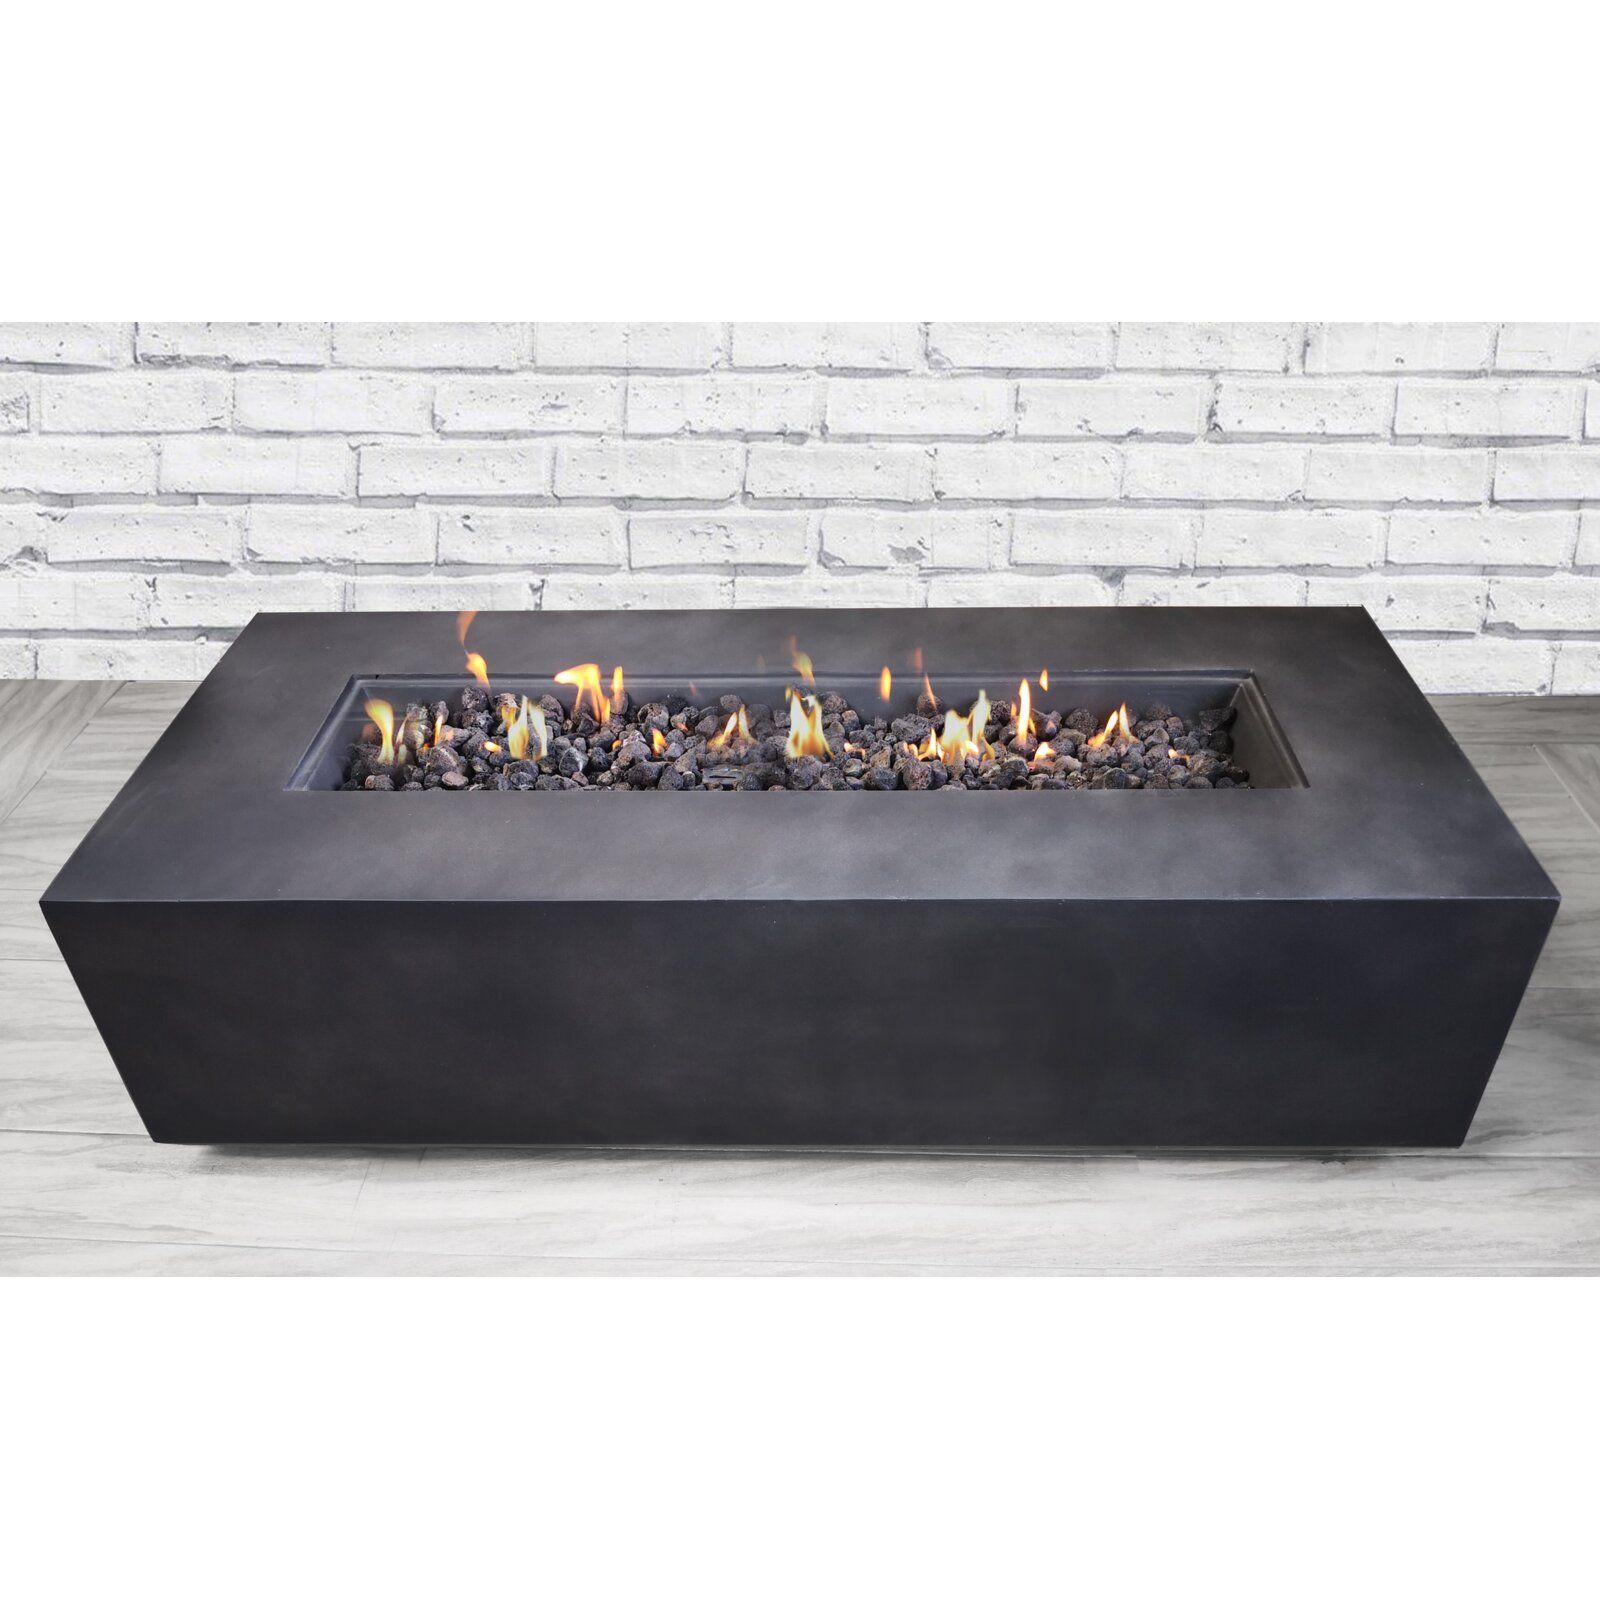 Santiago Concrete Propane Gas Fire Pit Table Reviews Allmodern Fire Pit Table Gas Firepit Propane Fire Pit Table